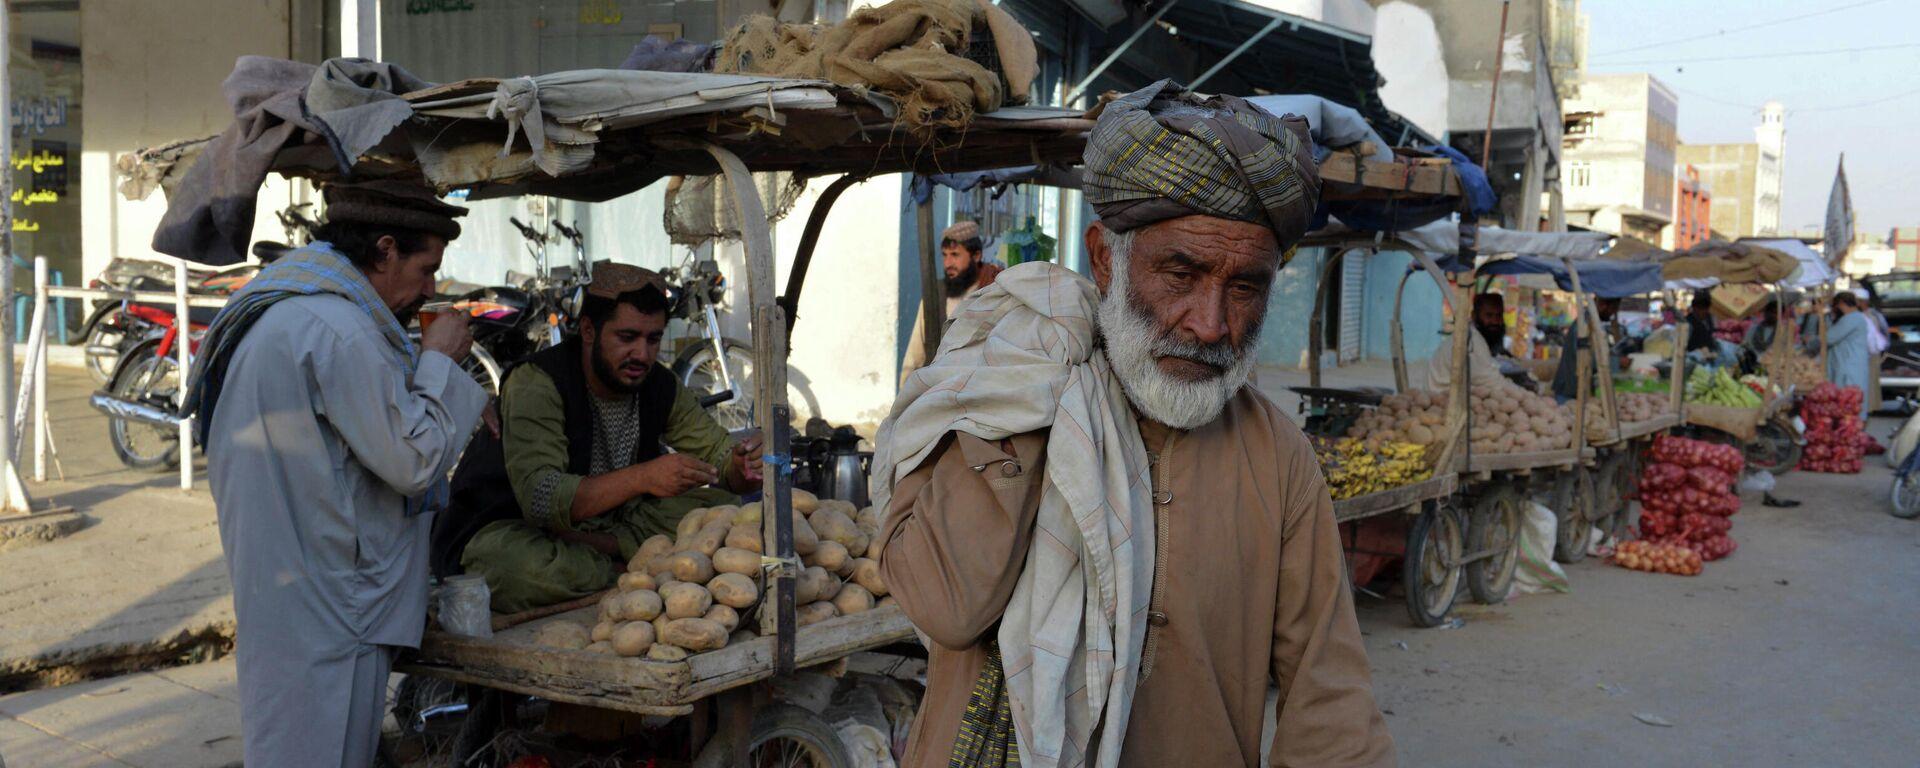 Menschen in Afghanistan - SNA, 1920, 12.10.2021